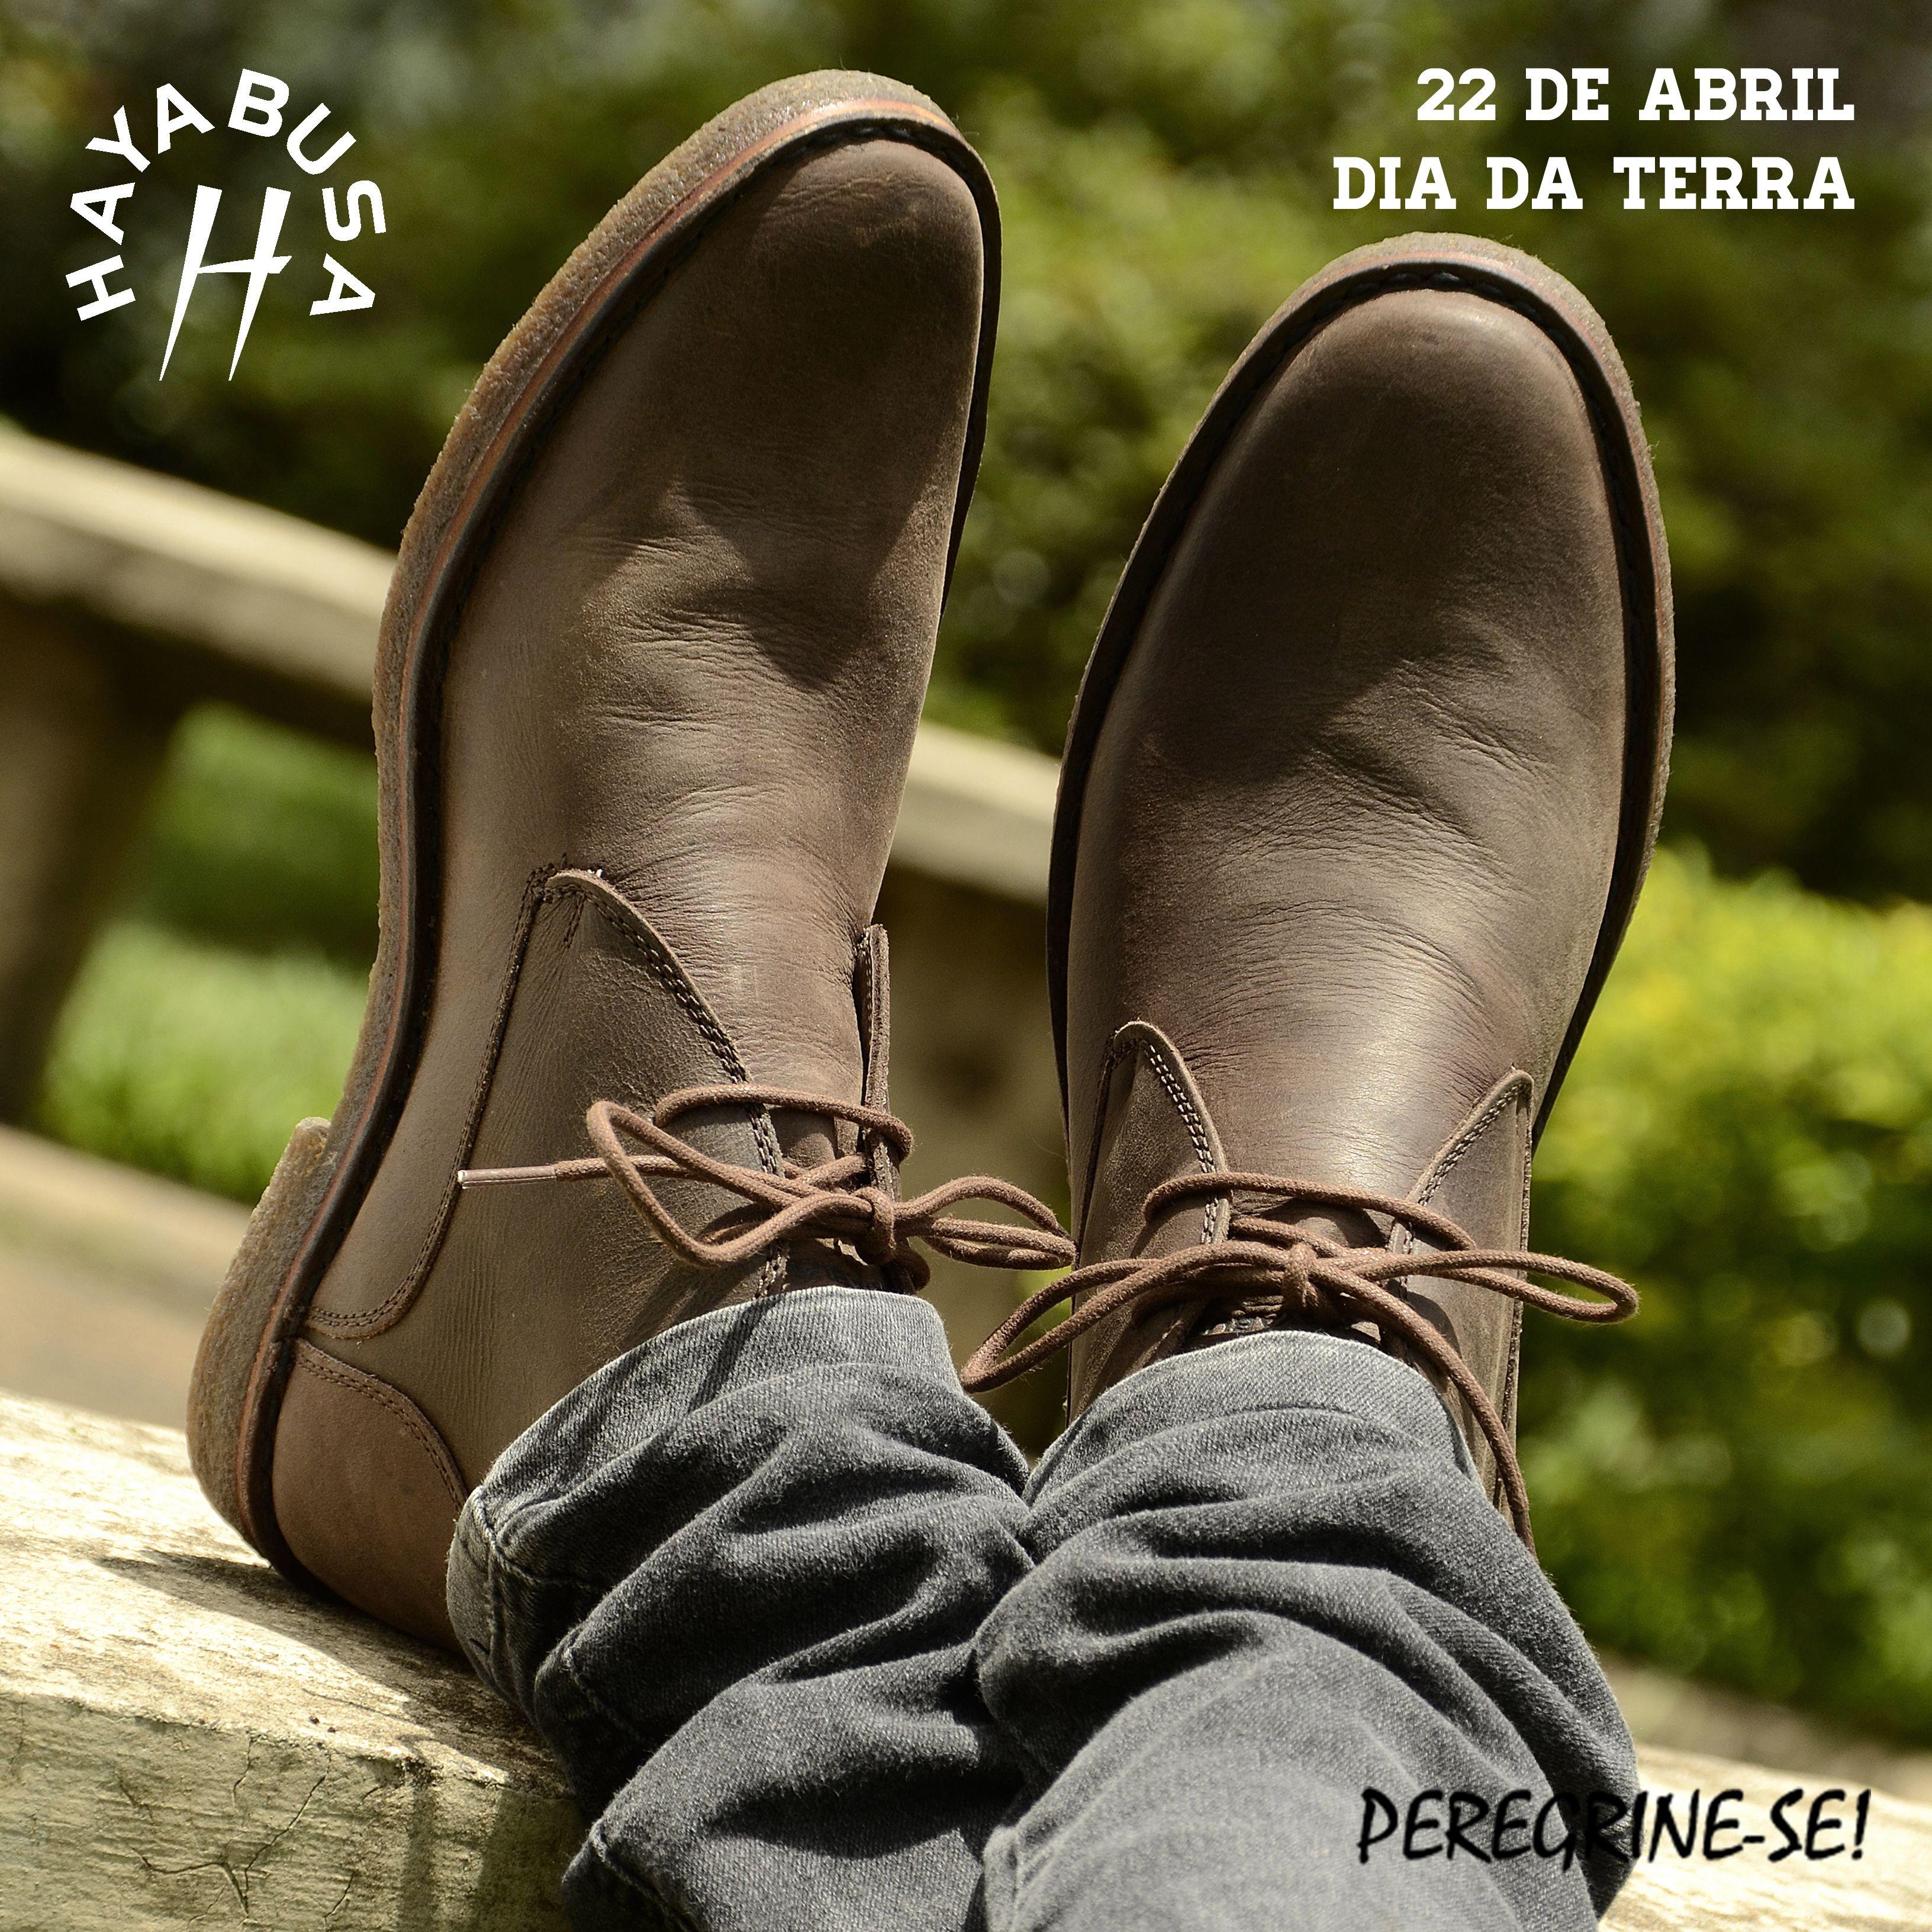 2522a91a0 Calçados e Acessórios Masculinos em couro | Hayabusa | Calça ...